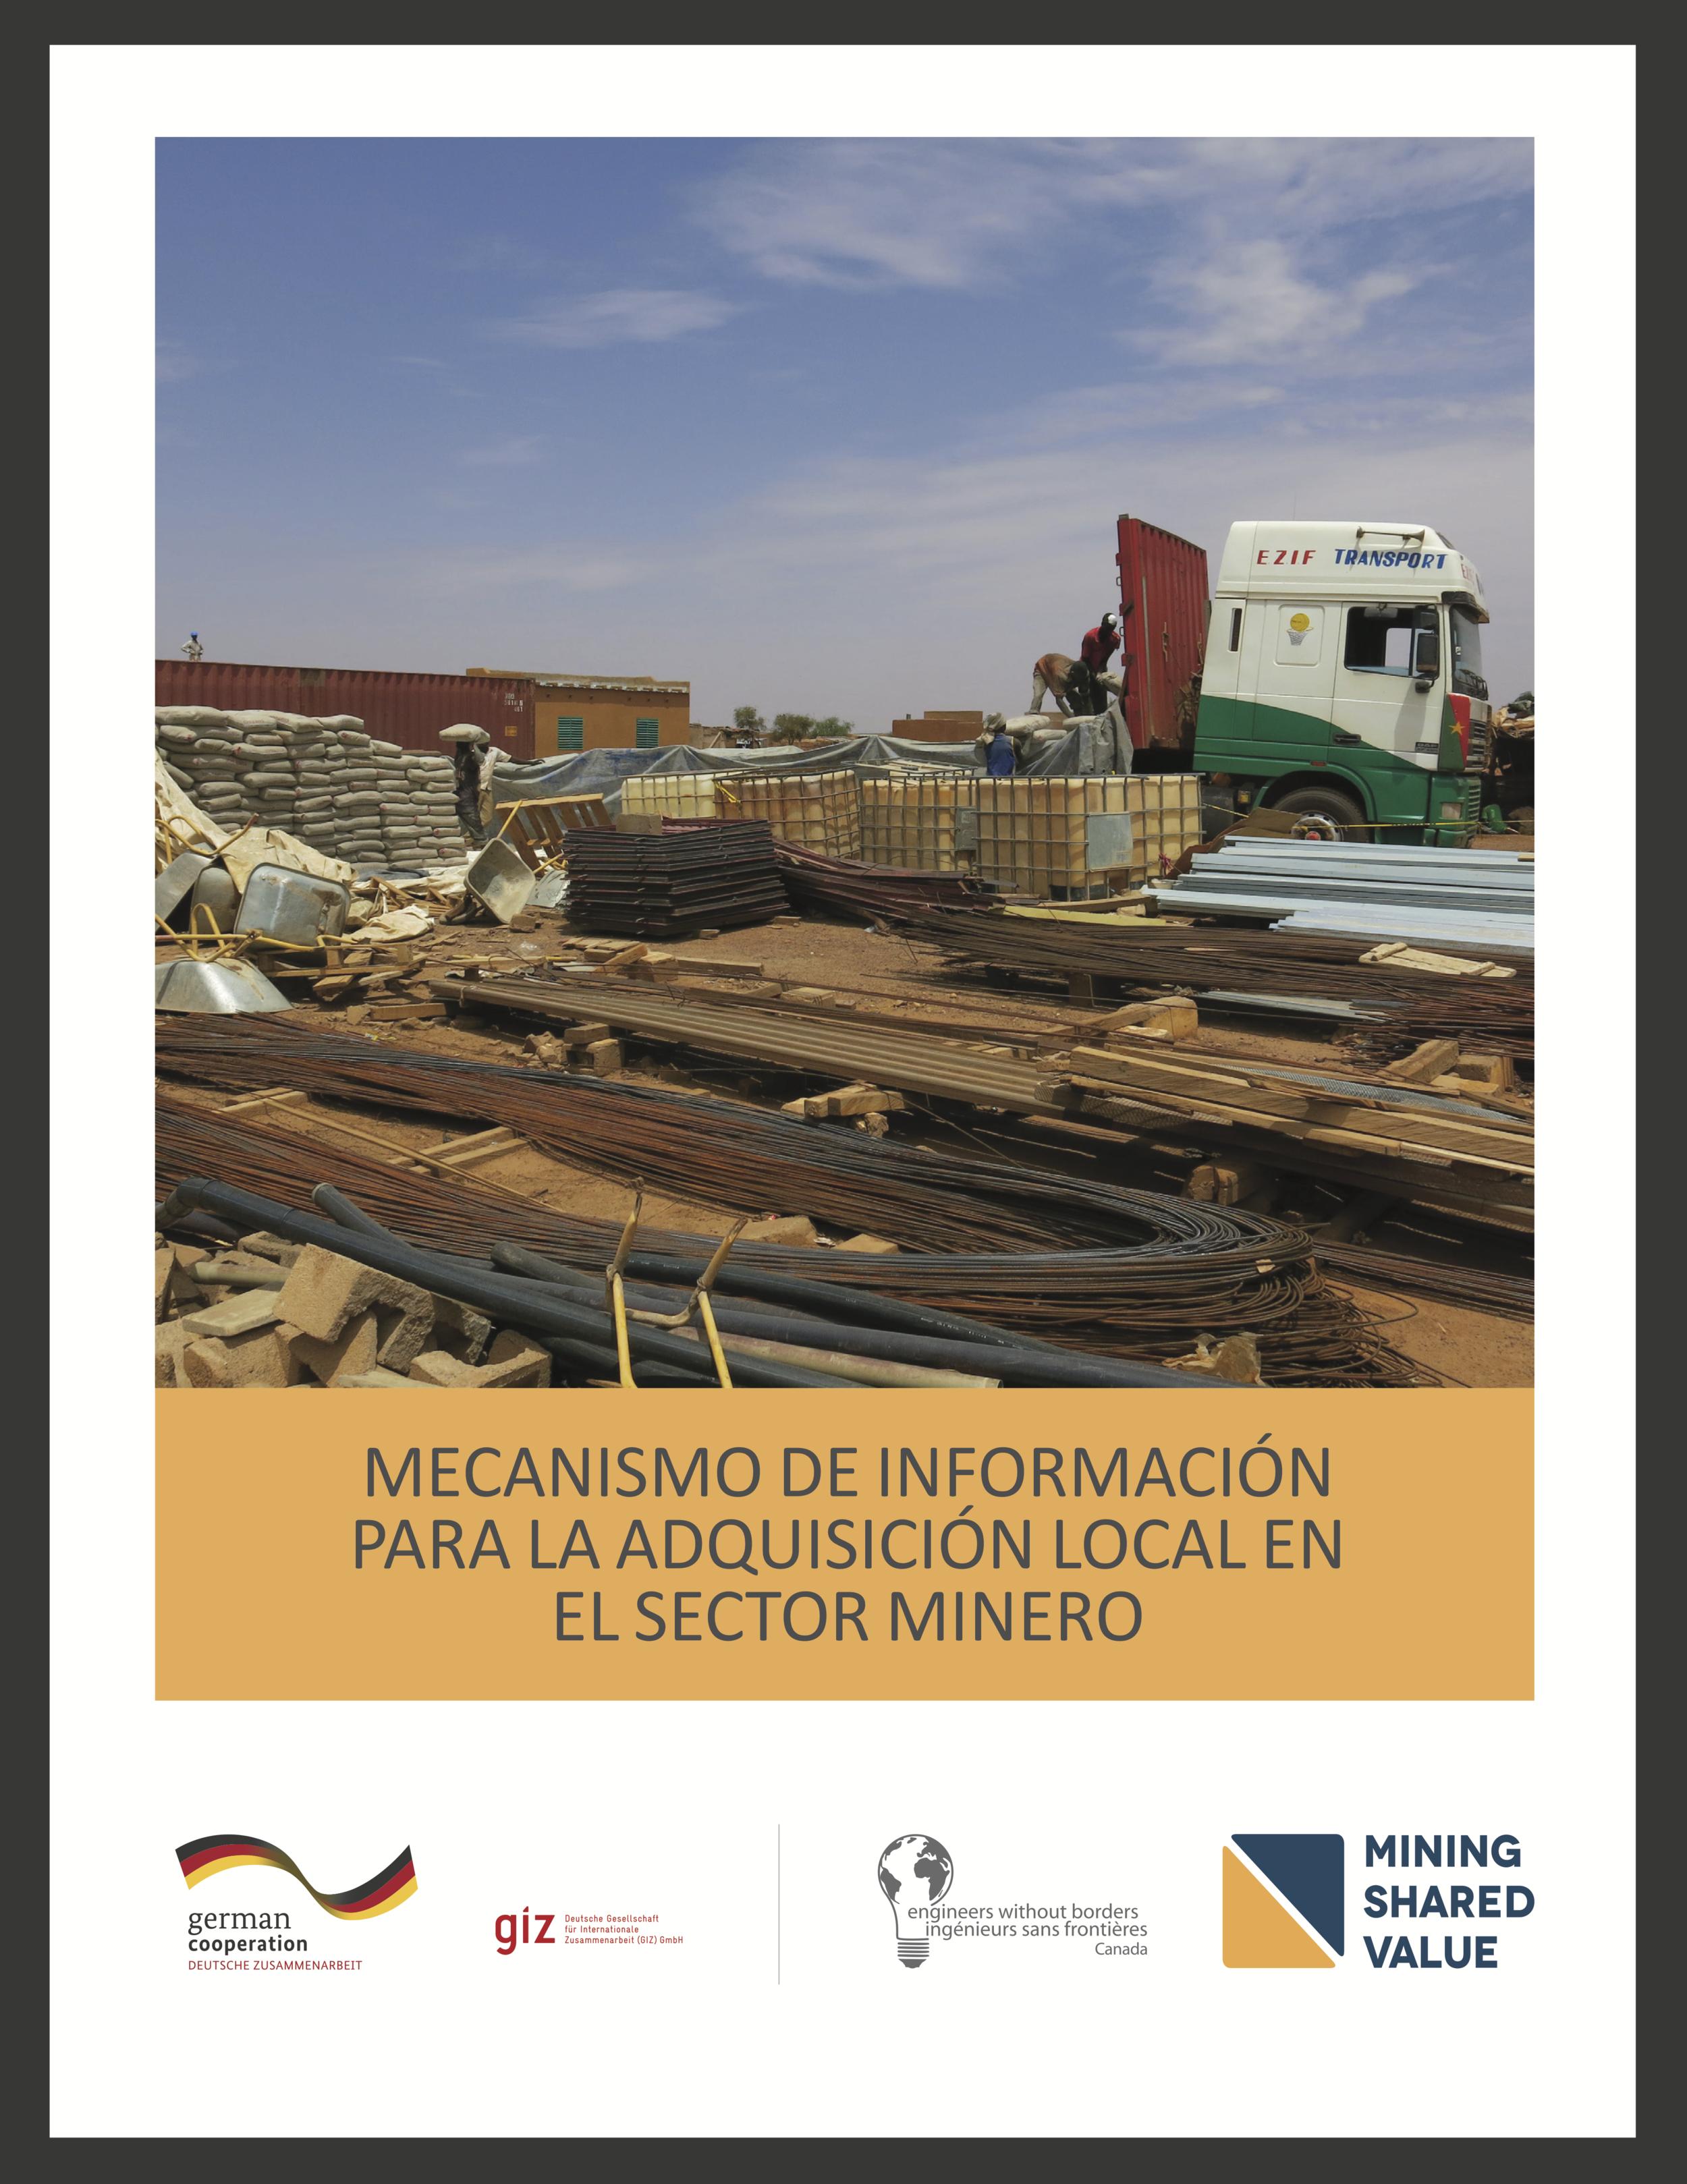 Mecanismo de Información para la Adquisición Local en el Sector Minero - El Mecanismo de Información para la Adquisición Local en el Sector Minero (LPRM), es un conjunto de objetivos que buscan estandarizar la manera en que la industria minera y los países receptores evalúan y se refieren acerca de la adquisición local.